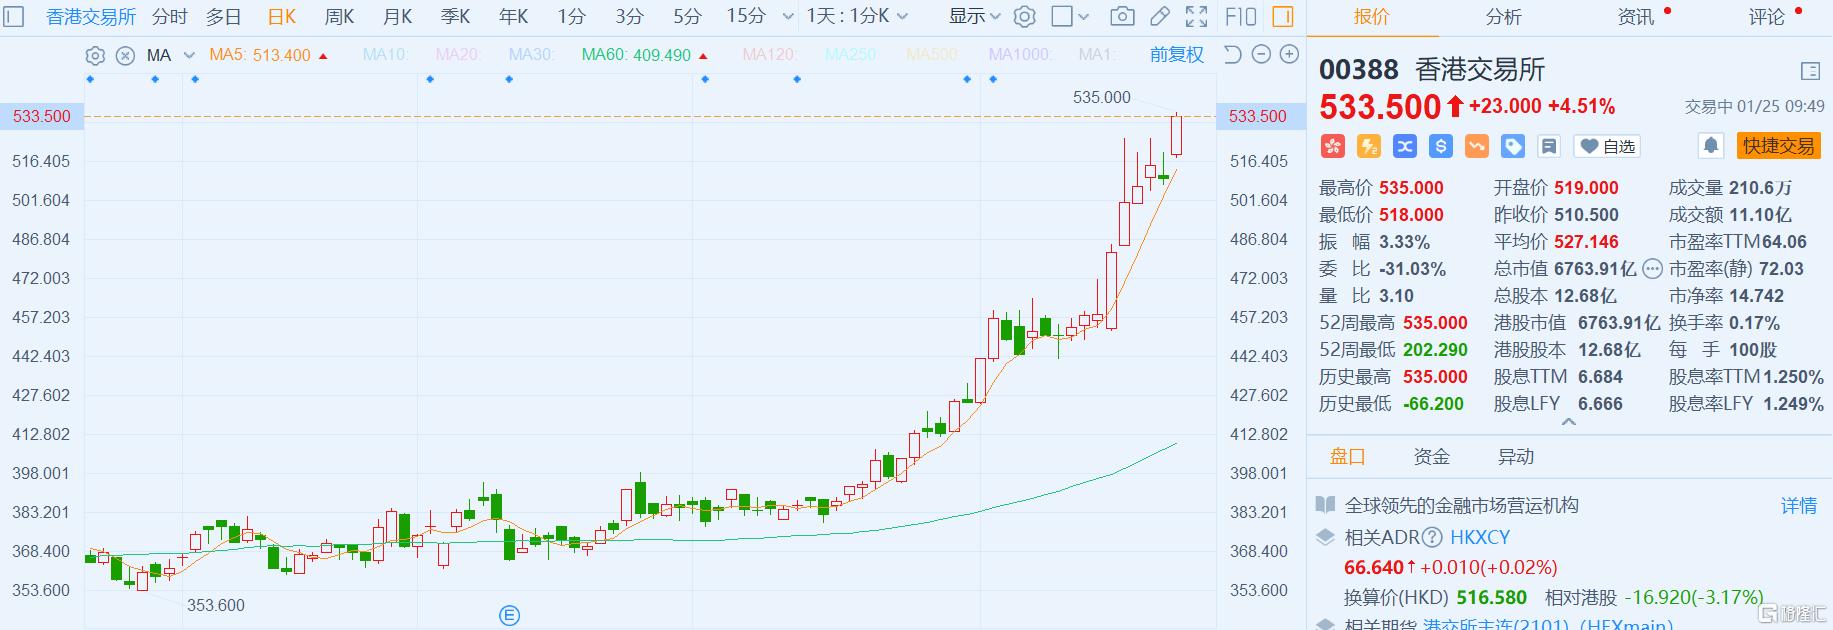 港交所(0388.HK)涨4.51%再创新高 上交所科创板A股2月1日起纳沪股通